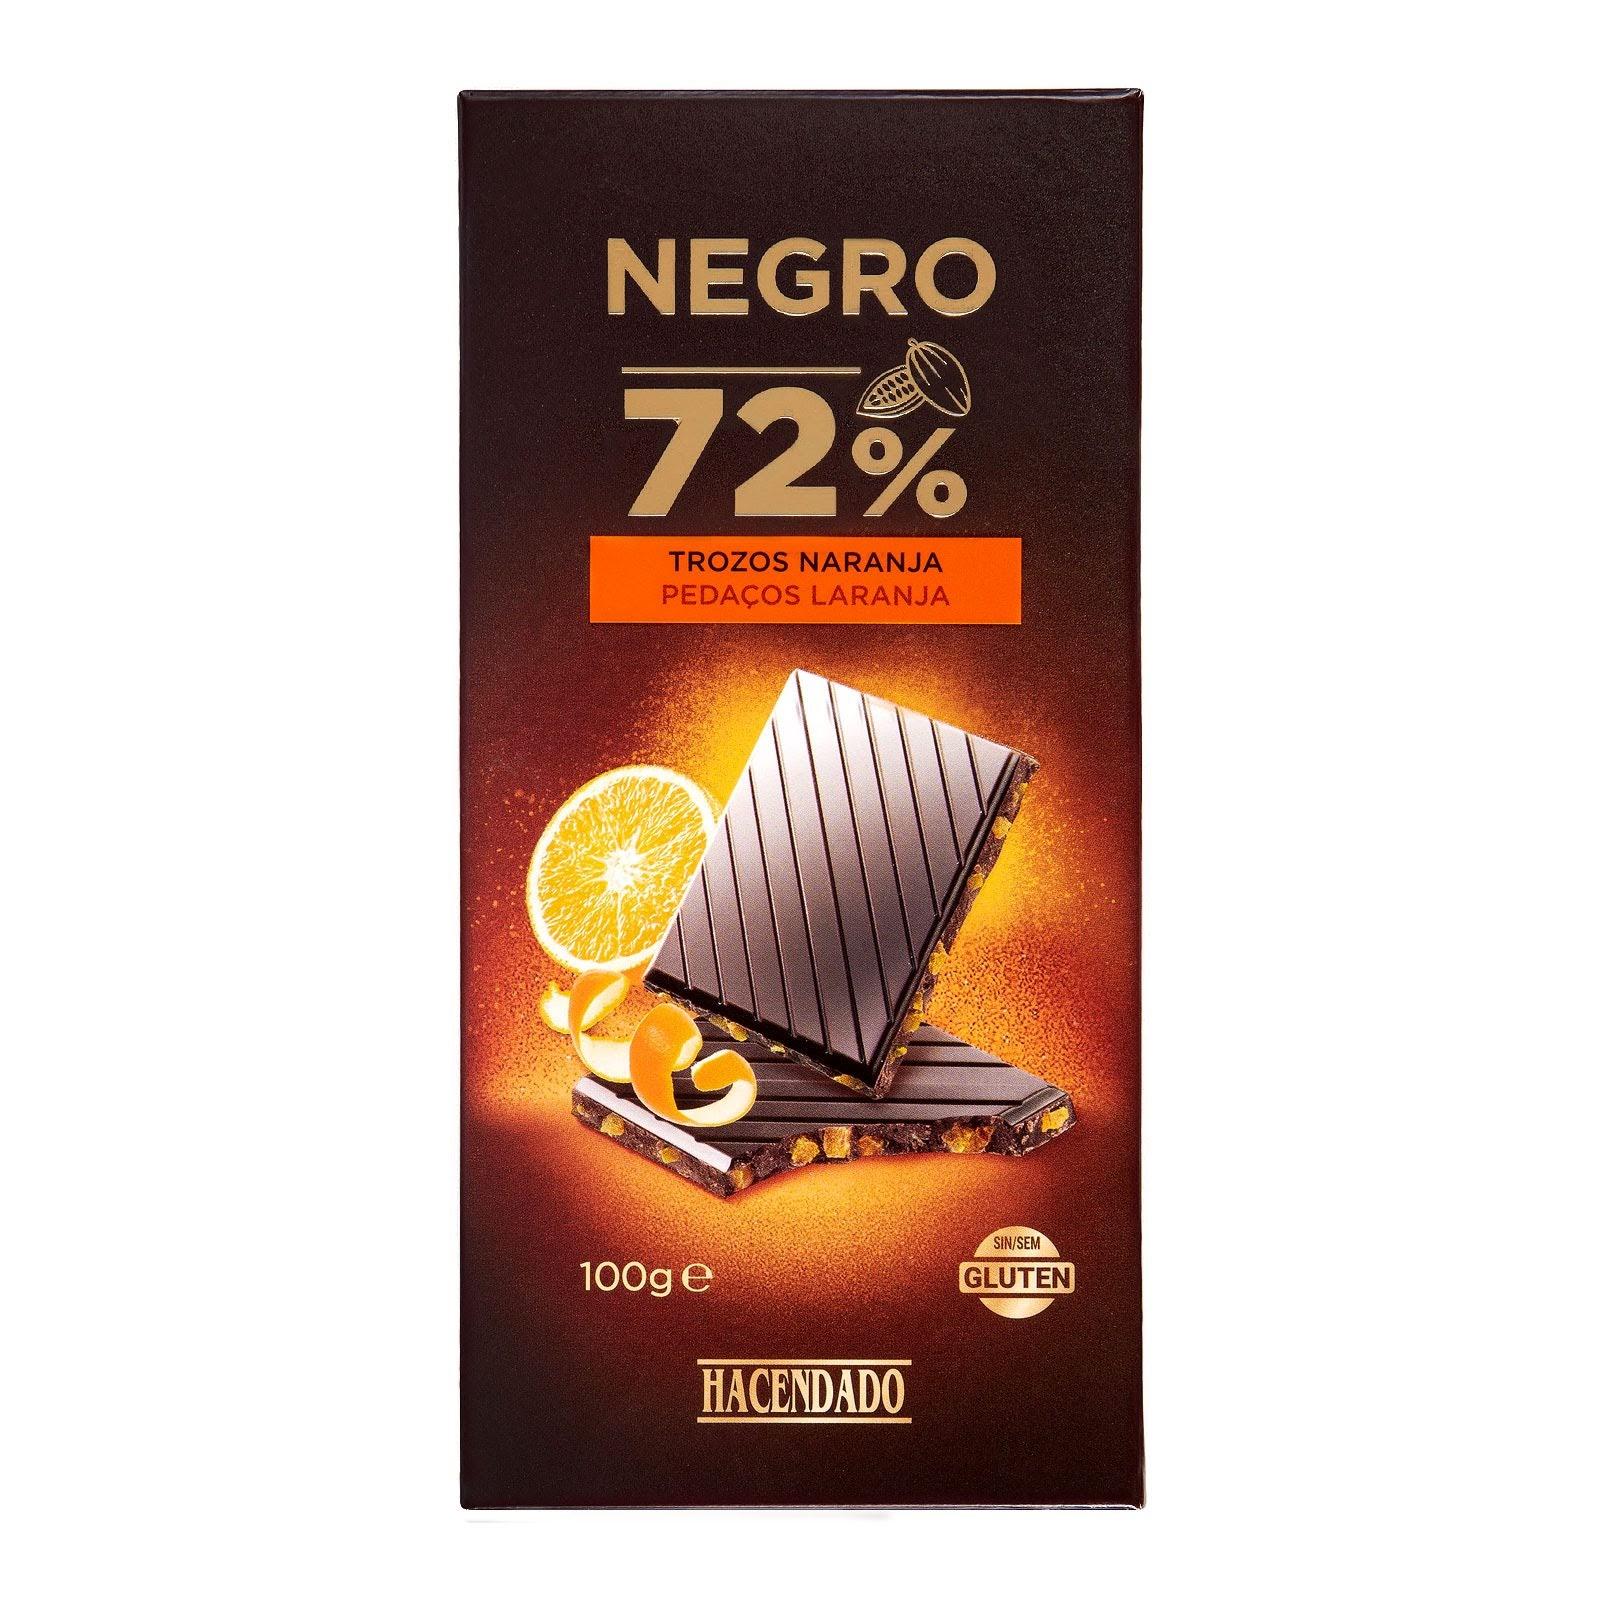 Chocolate negro extrafino 72% de cacao con trozos de naranja Hacendado